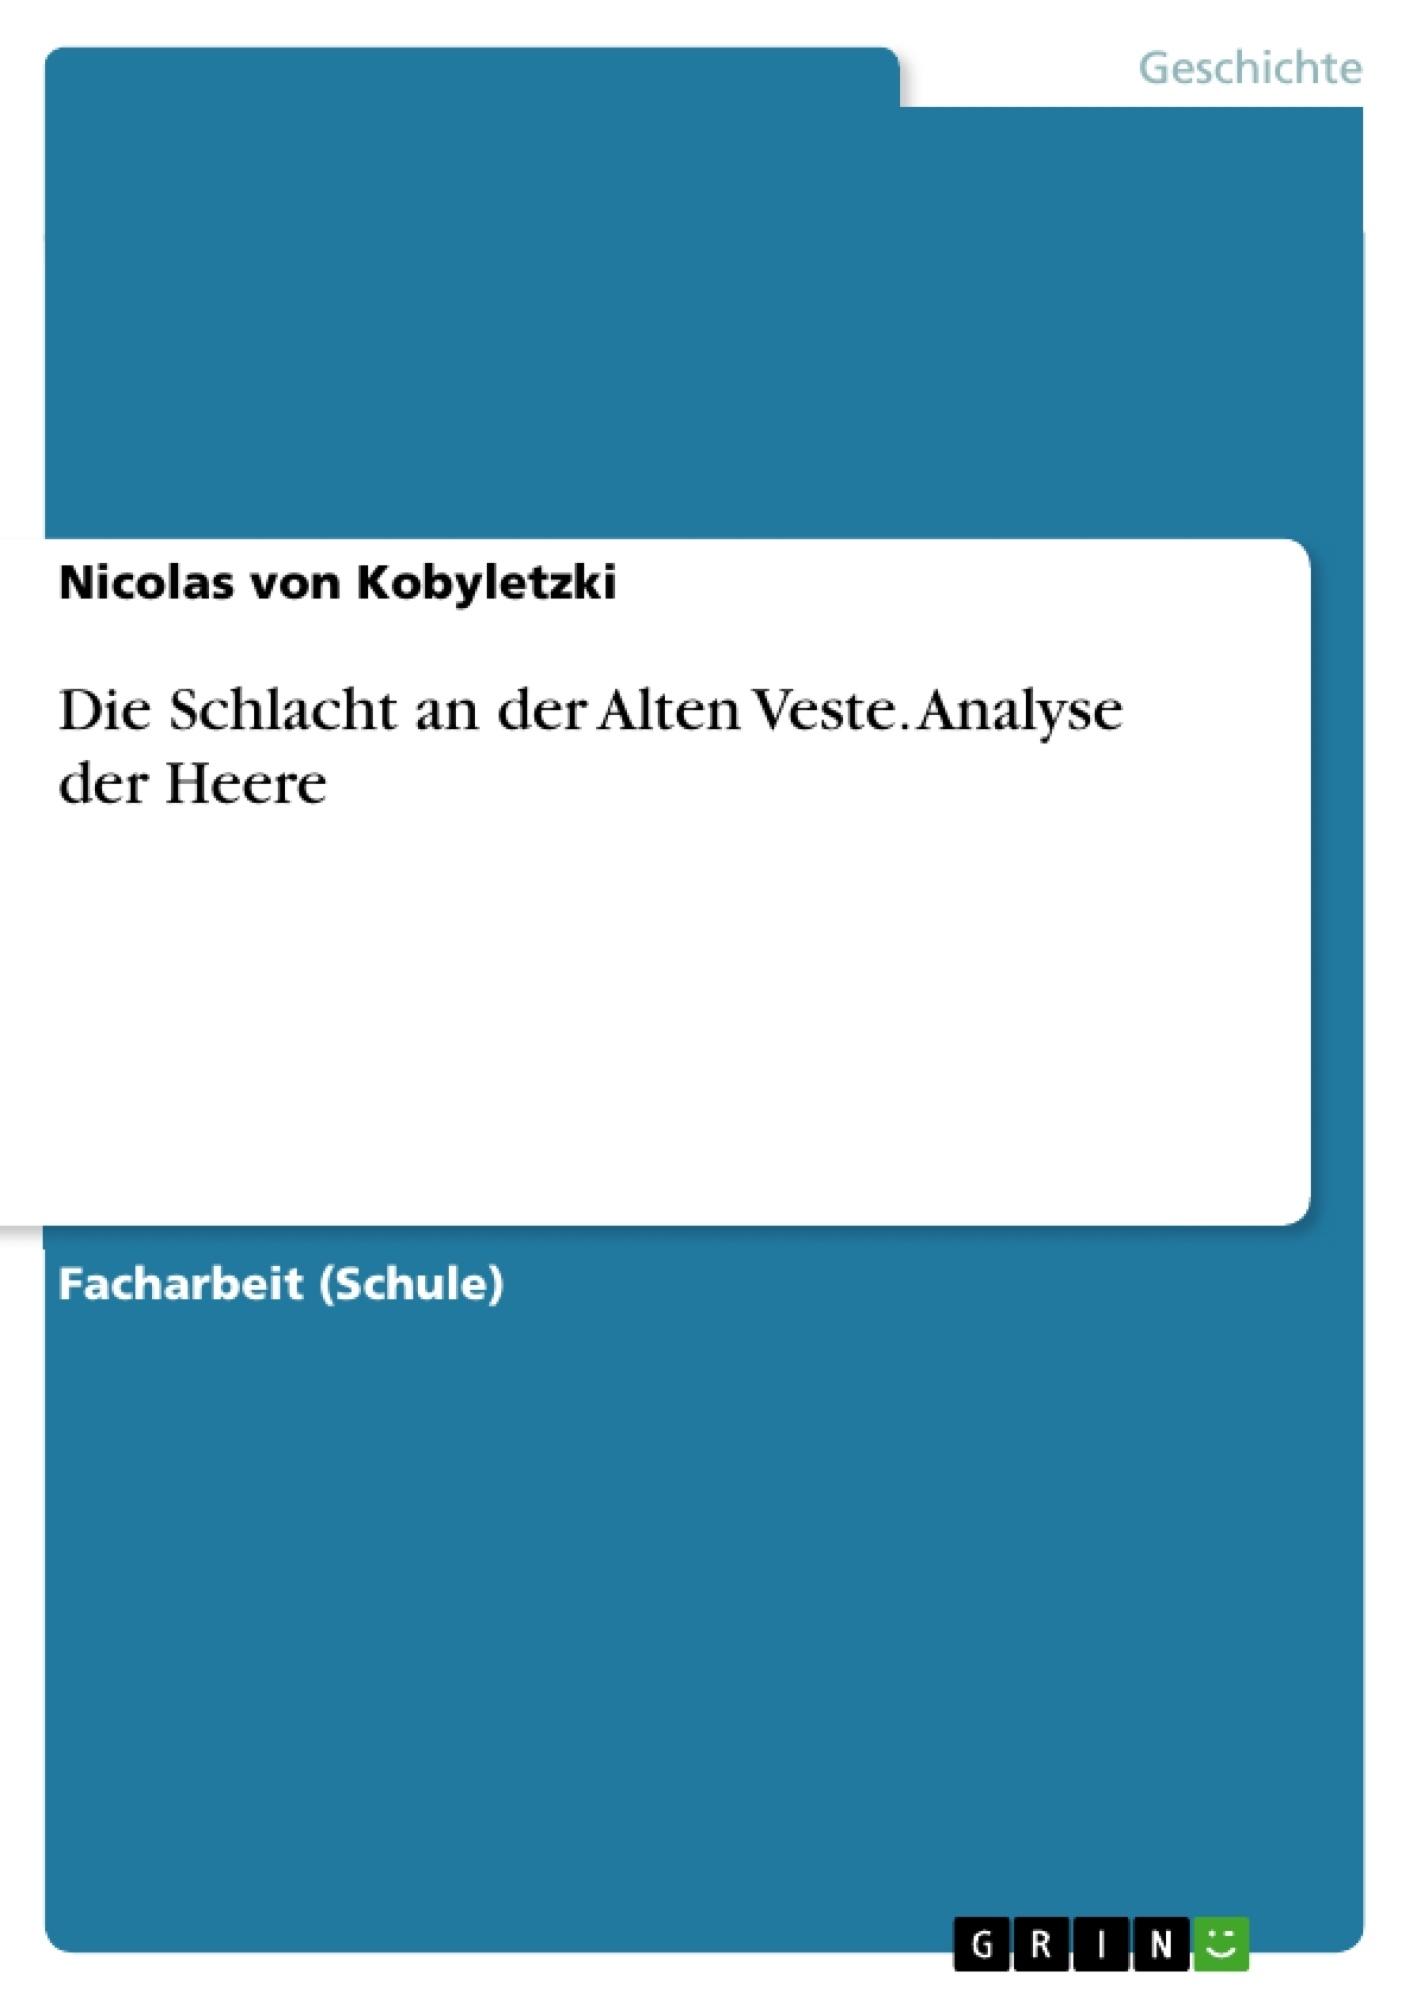 Titel: Die Schlacht an der Alten Veste. Analyse der Heere